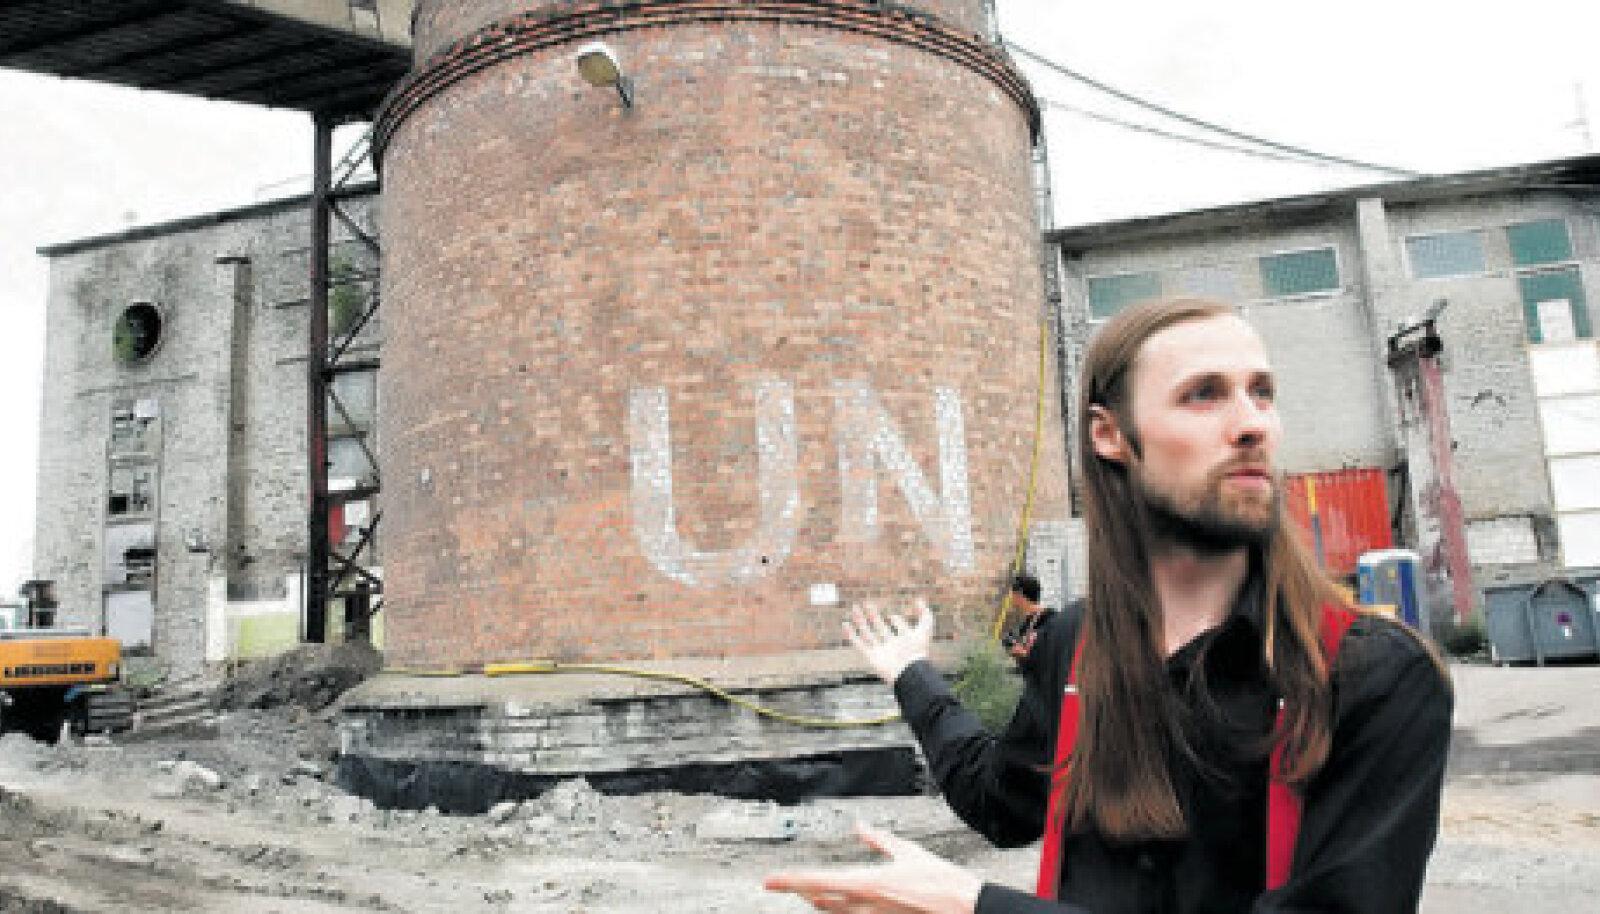 """Festivali kuraator Andres Lõo esitleb """"Stalkeri"""" võtete tarvis korstnale maalitud ÜRO eelkäija tähist."""